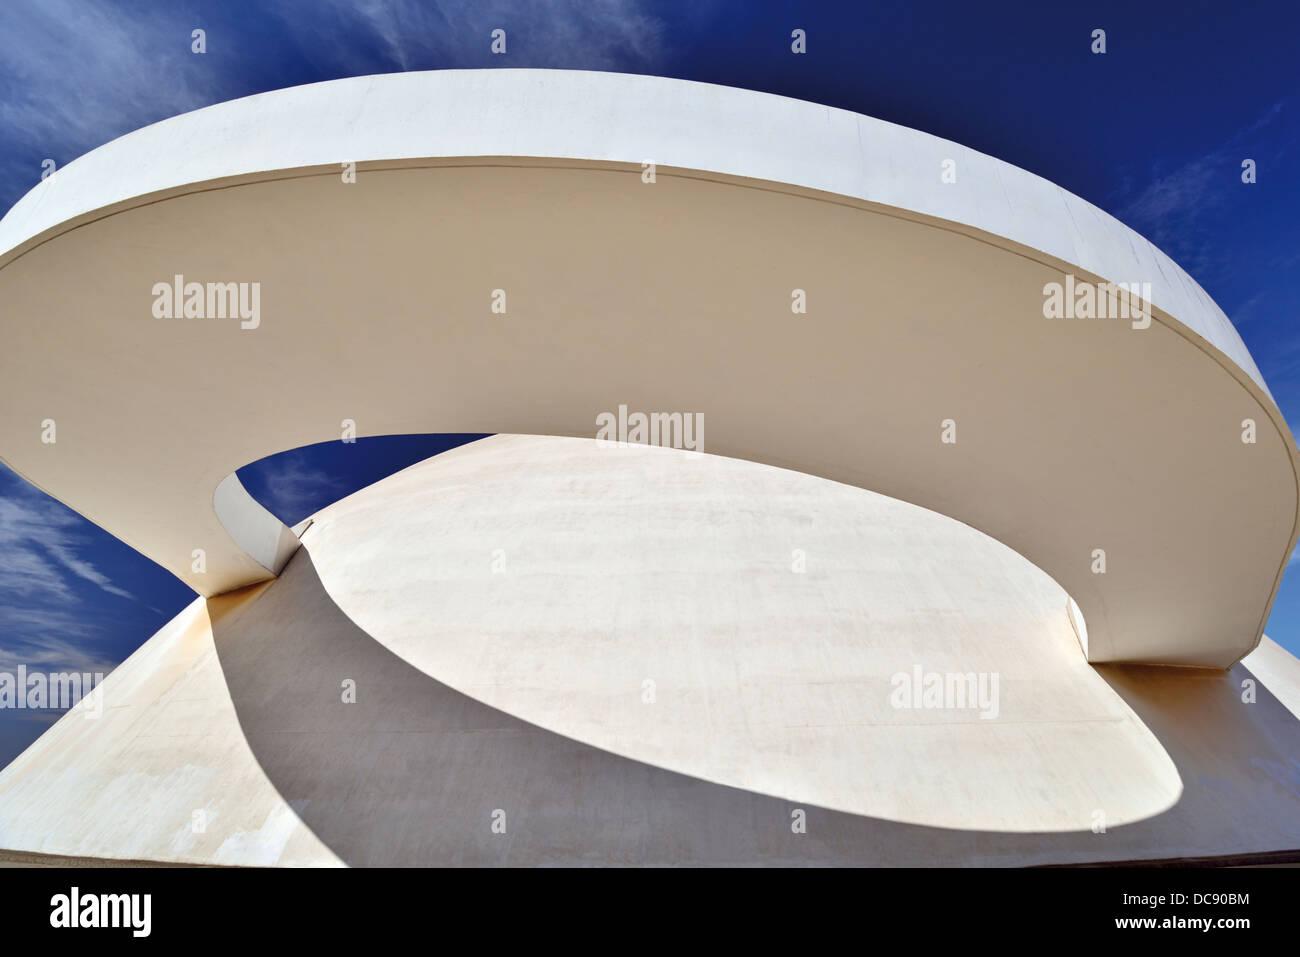 Brésil, Brasilia: détail architectural du Musée National Honestino Guimarães conçu par Oscar Niemeyer Banque D'Images